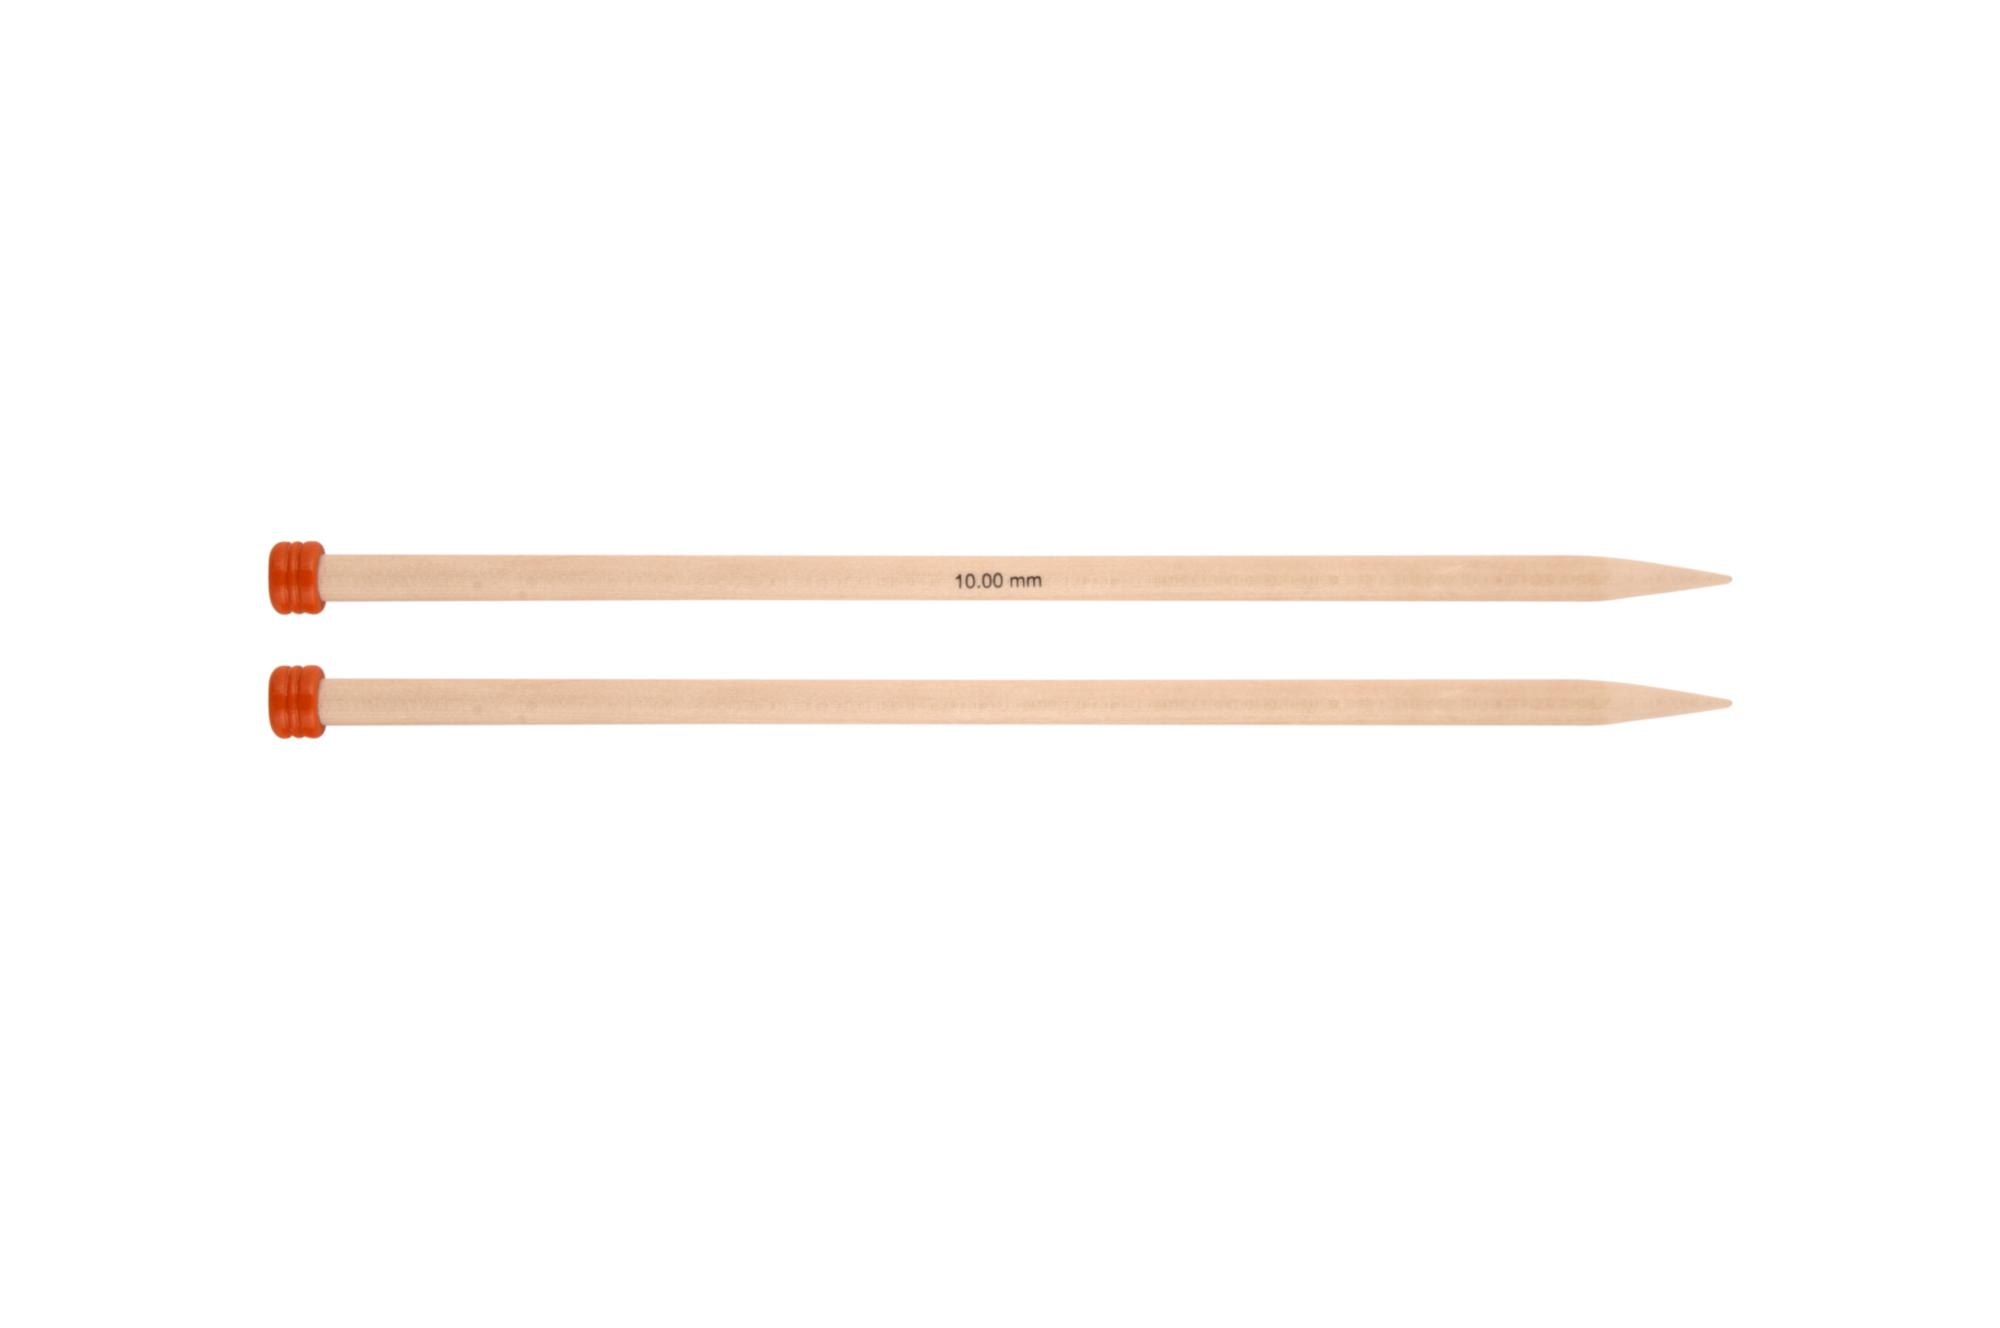 Спицы прямые 25 см Basix Birch Wood KnitPro, 35211, 9.00 мм